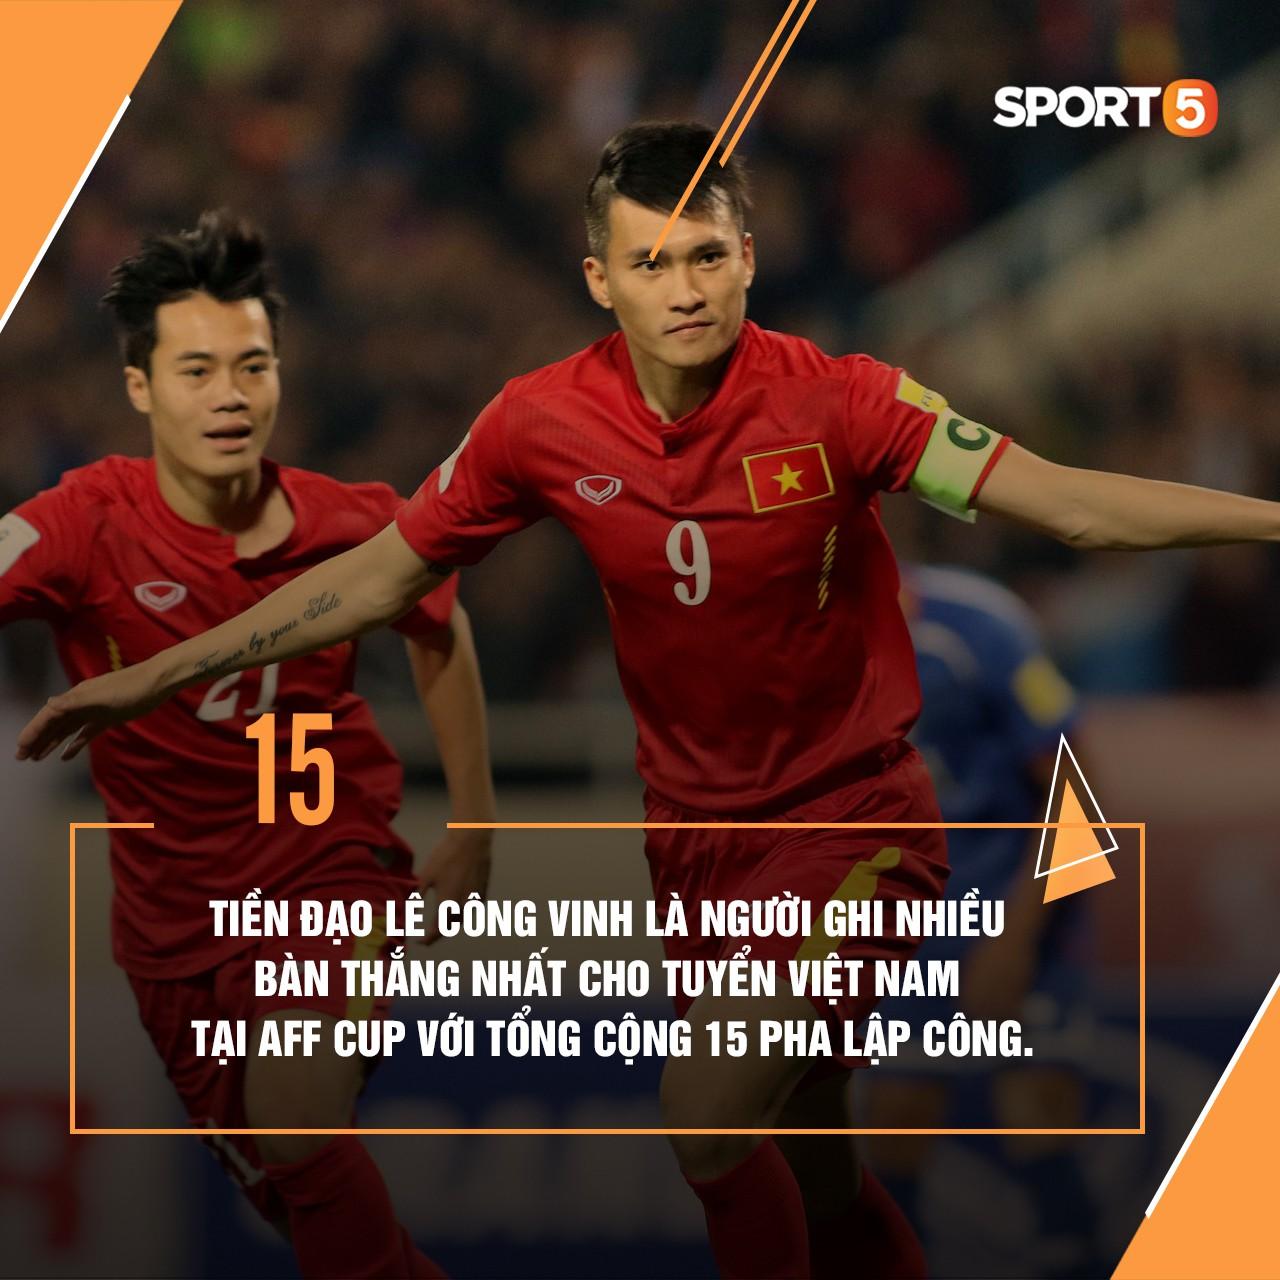 Những thống kê thú vị về tuyển Việt Nam ở AFF Cup - Ảnh 5.